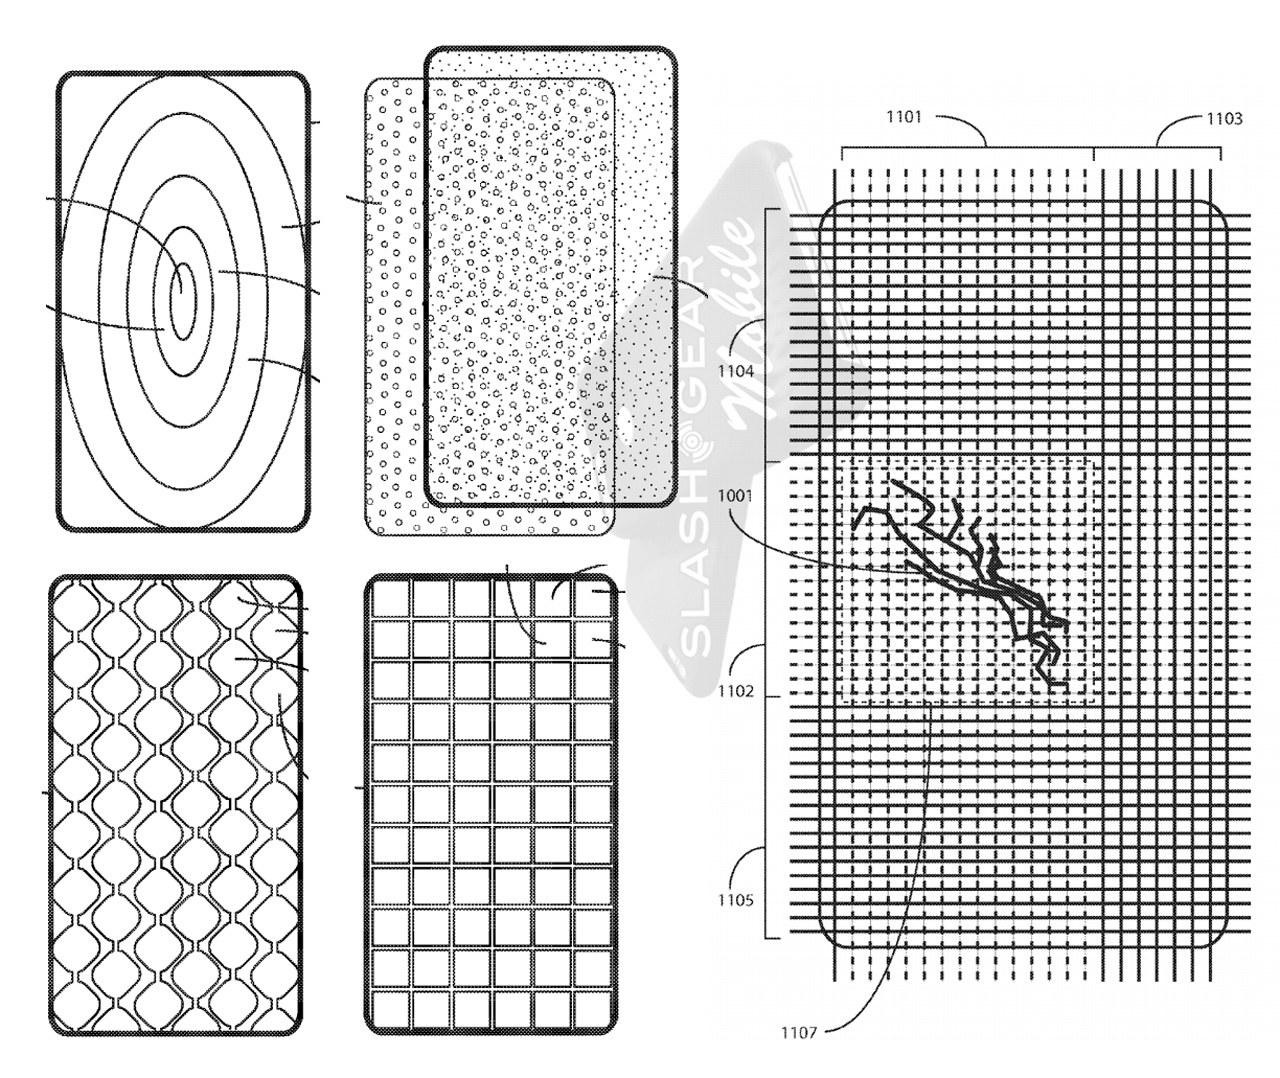 motorola pourrait proposer un smartphone qui se r pare tout seul frandroid. Black Bedroom Furniture Sets. Home Design Ideas